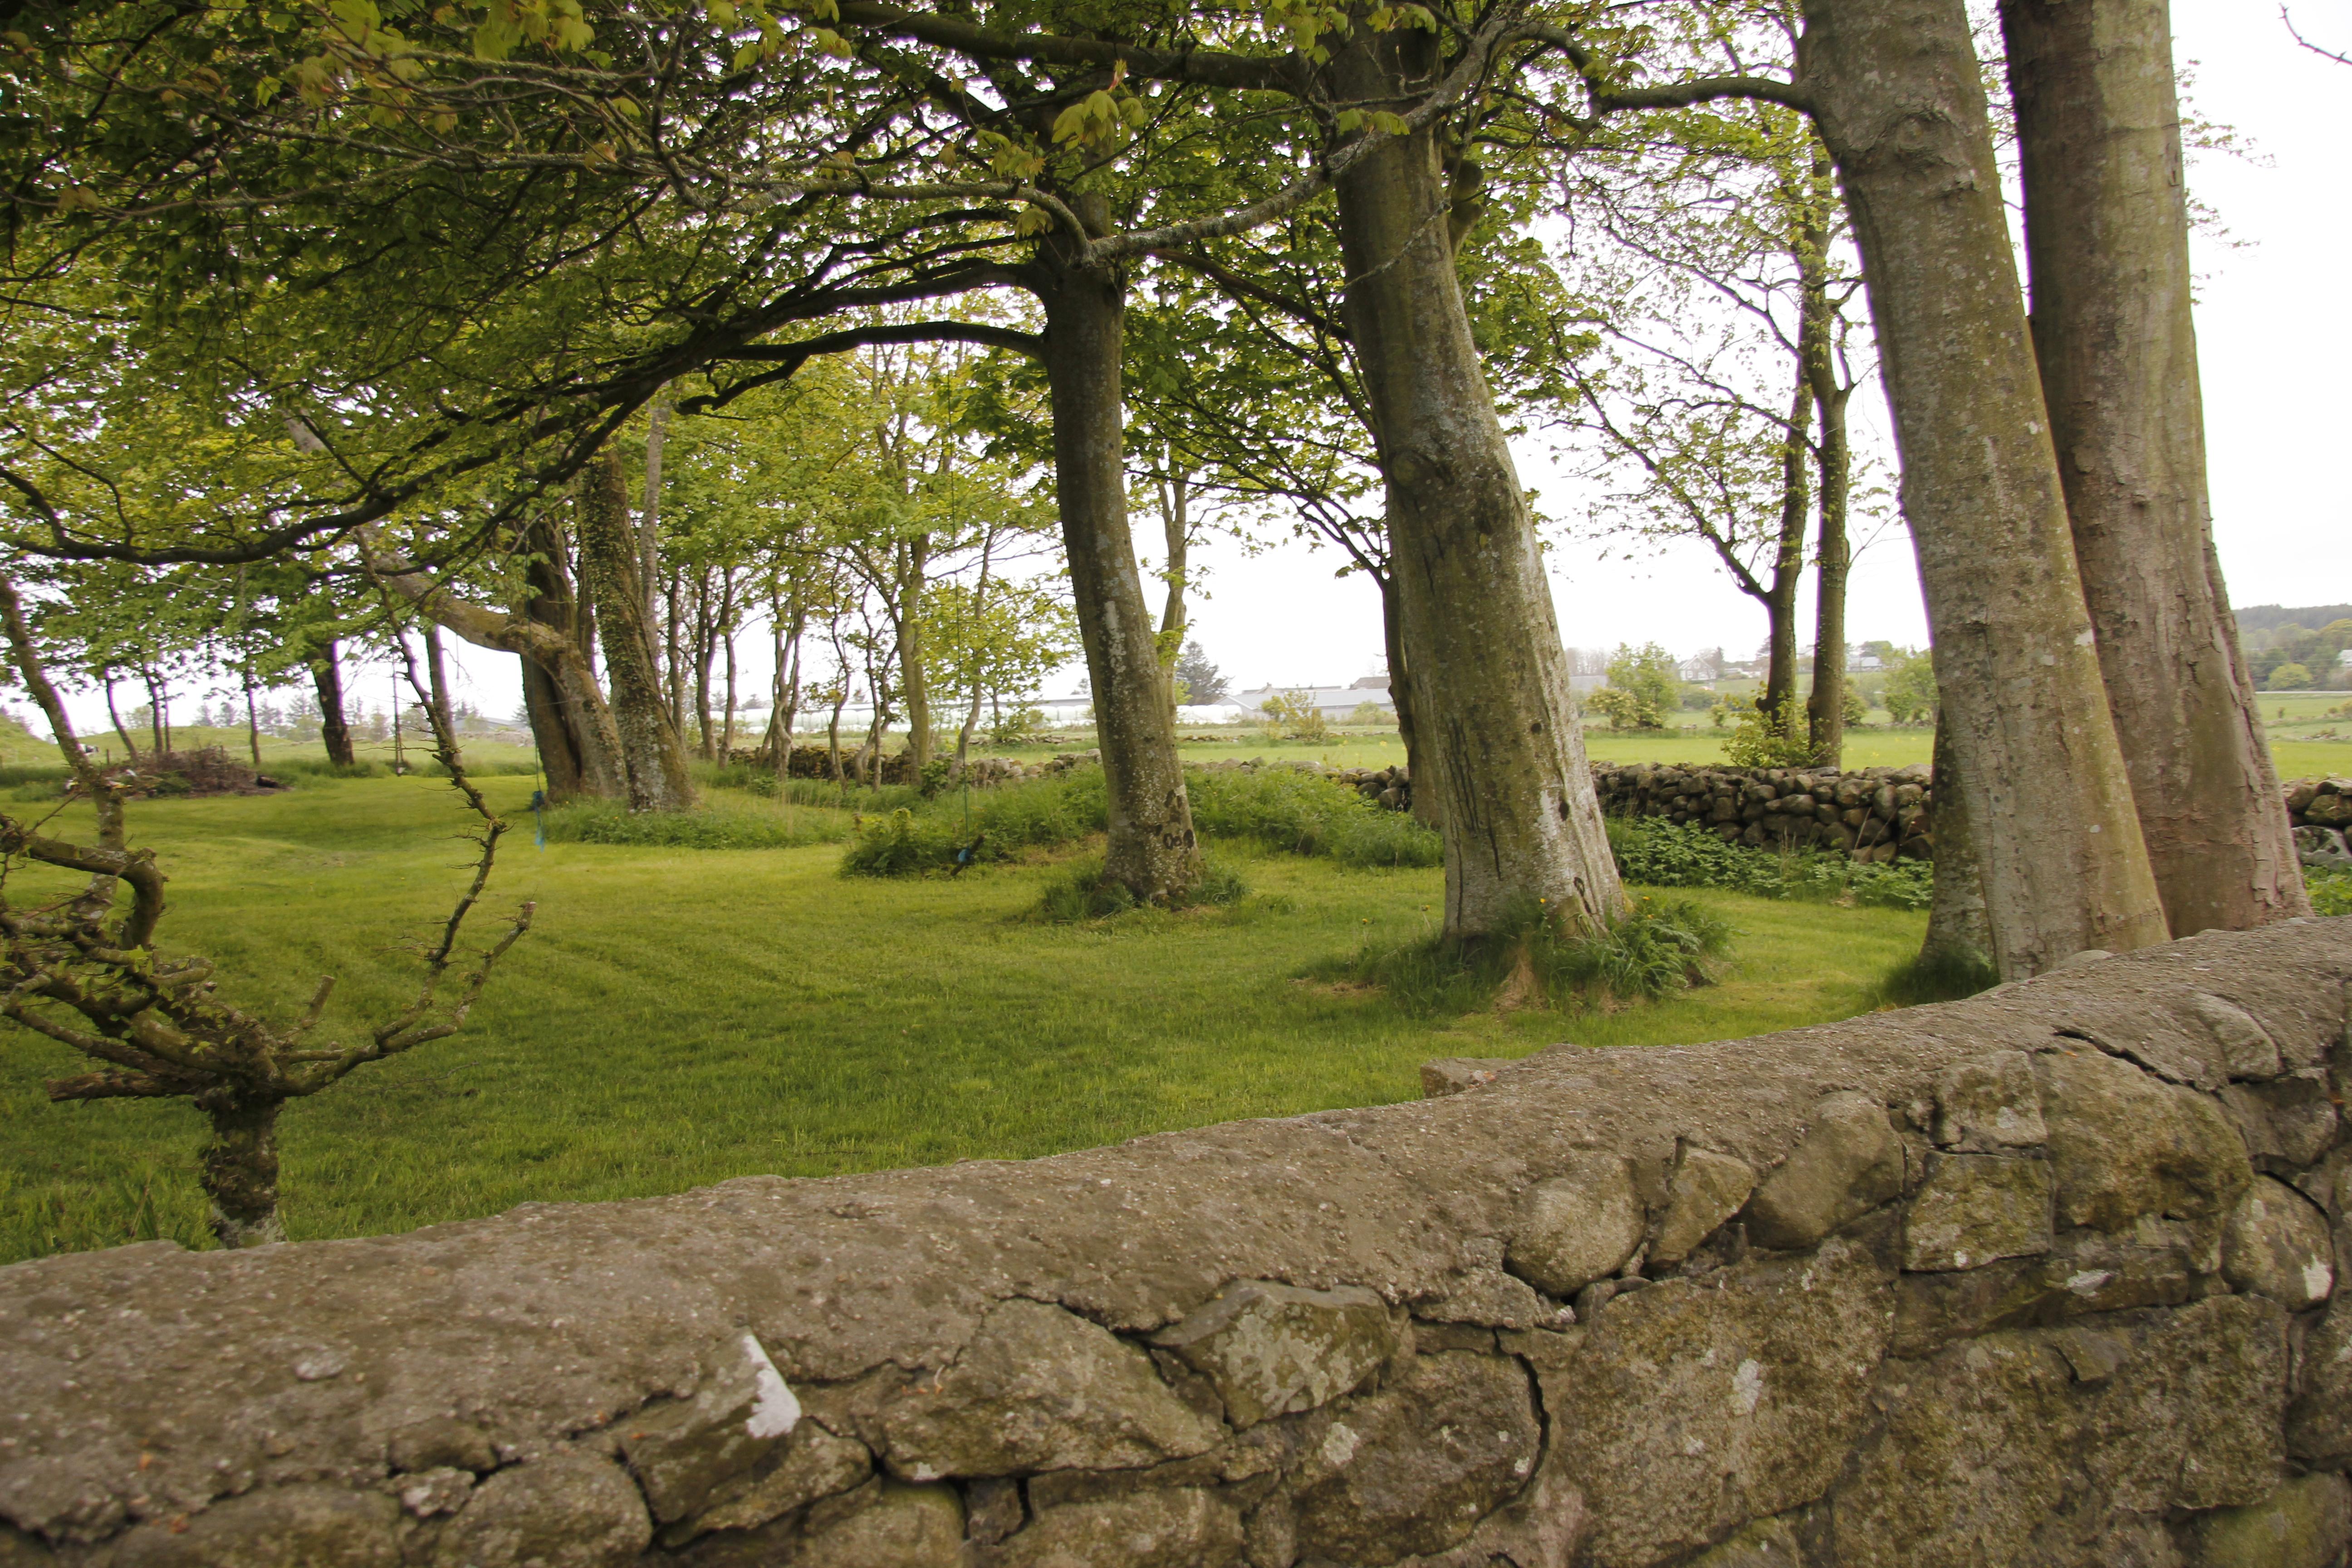 Hage- og parkanlegget ble trolig anlagt i den tiden Huseby var lystgård rundt 1800. Størrelsen på dagens hageanlegg er omtrent som på kartet fra 1860. Foto: Marit Vestvik Riksantikvaren